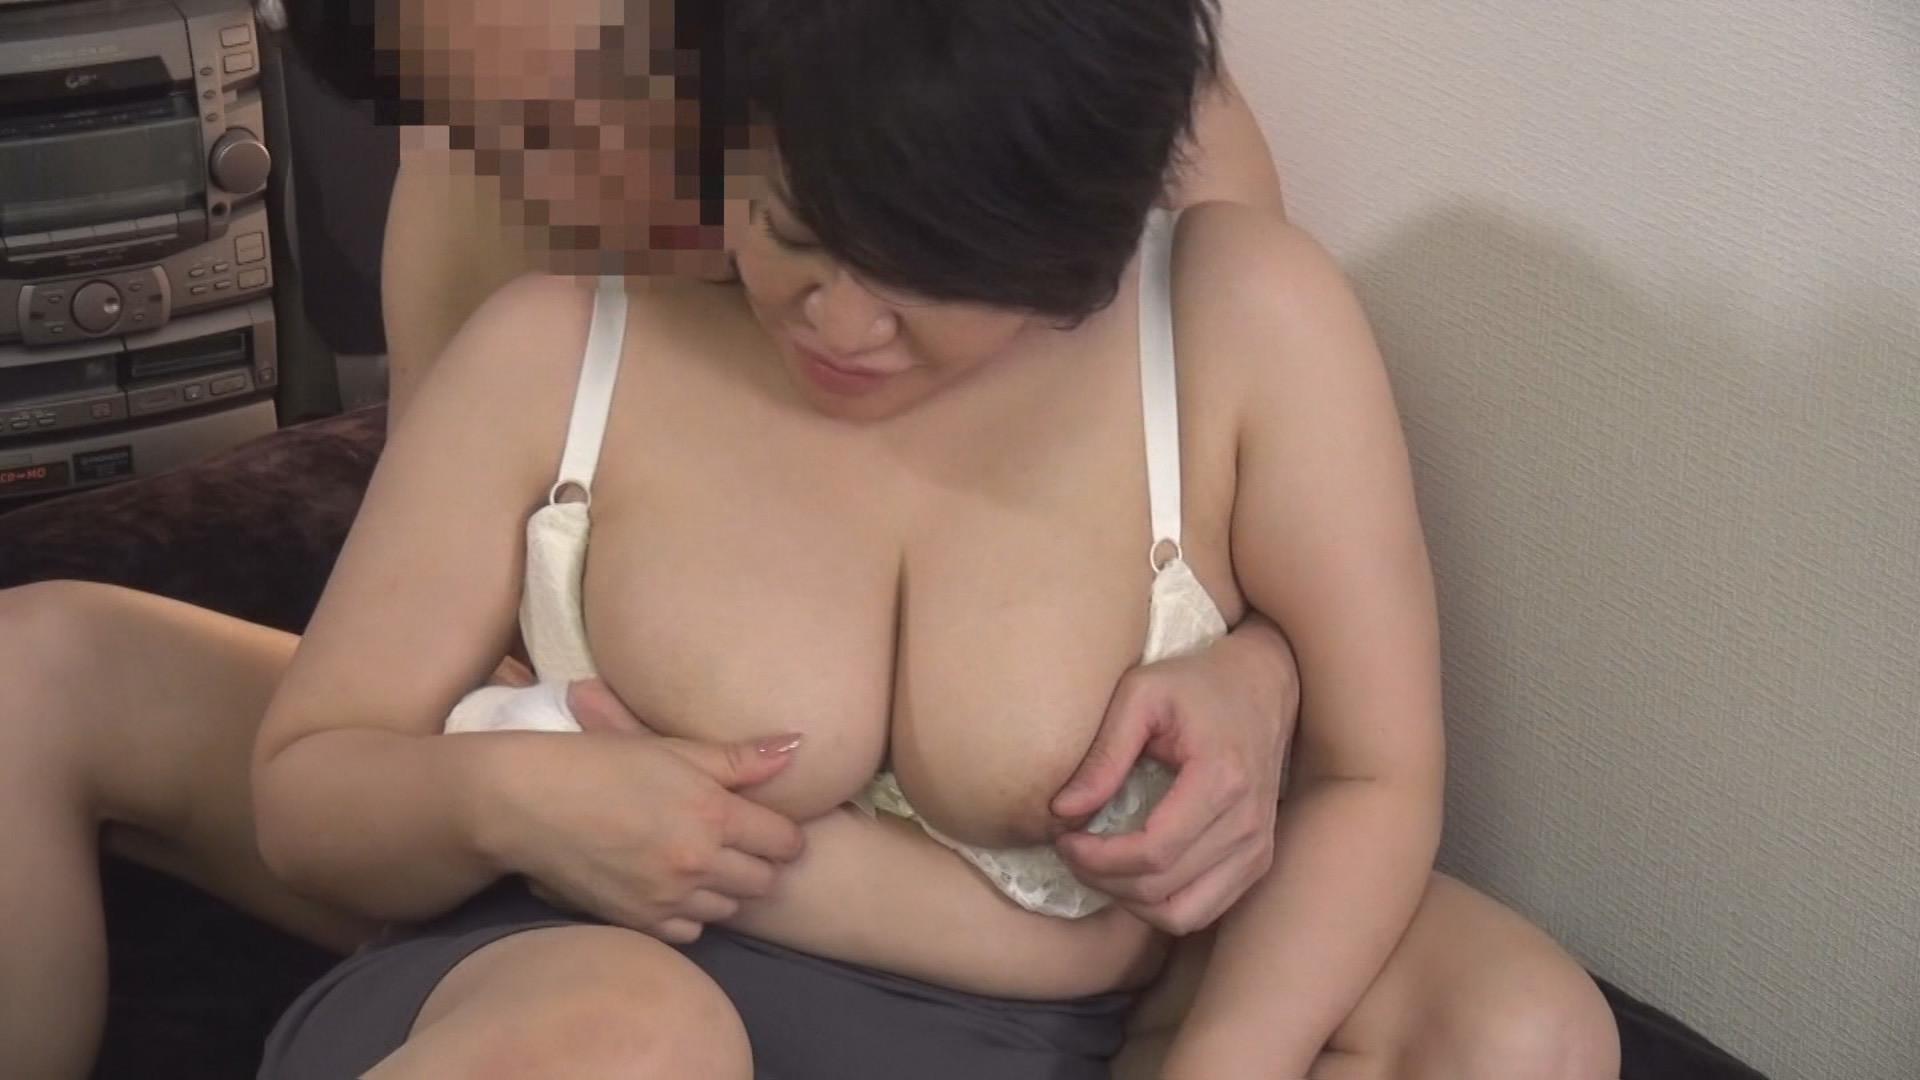 (秘)隠し撮り映像流出!! 同行営業中自宅に連れ込んだ生保レディとのプライベート映像 中年おばさんの赤裸々なSEX 13